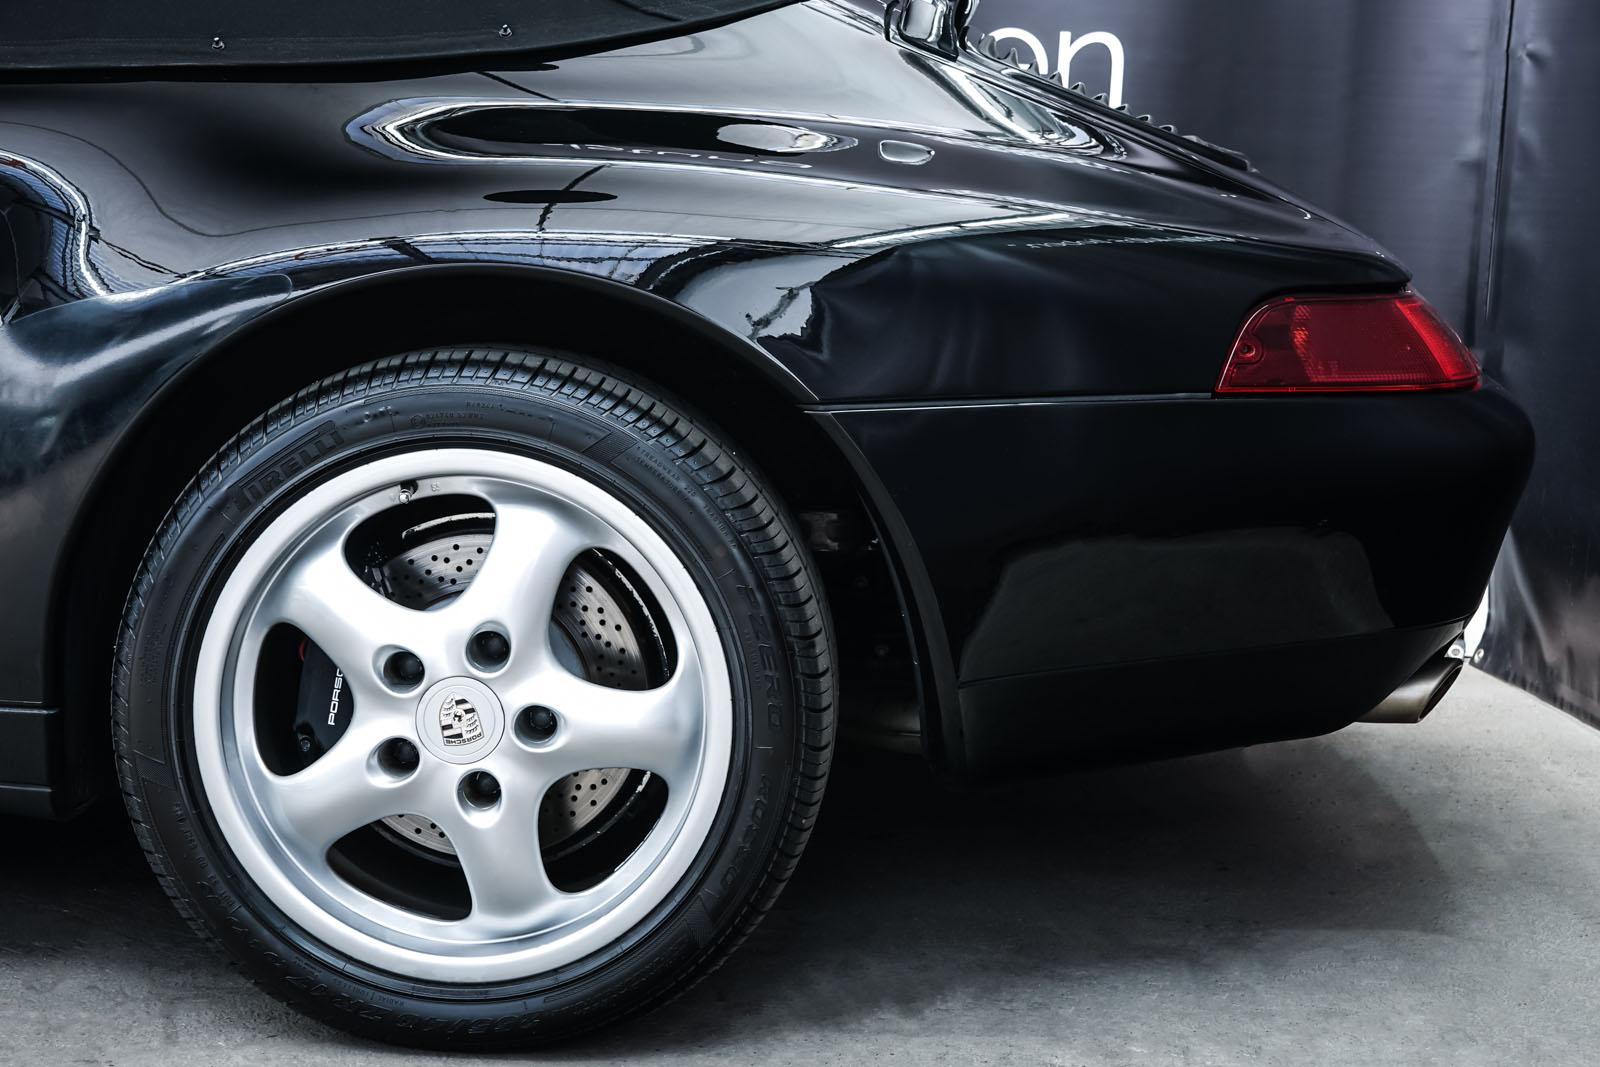 Porsche_993_C2_Cabrio_Black_Beige_POR-0137_4_w